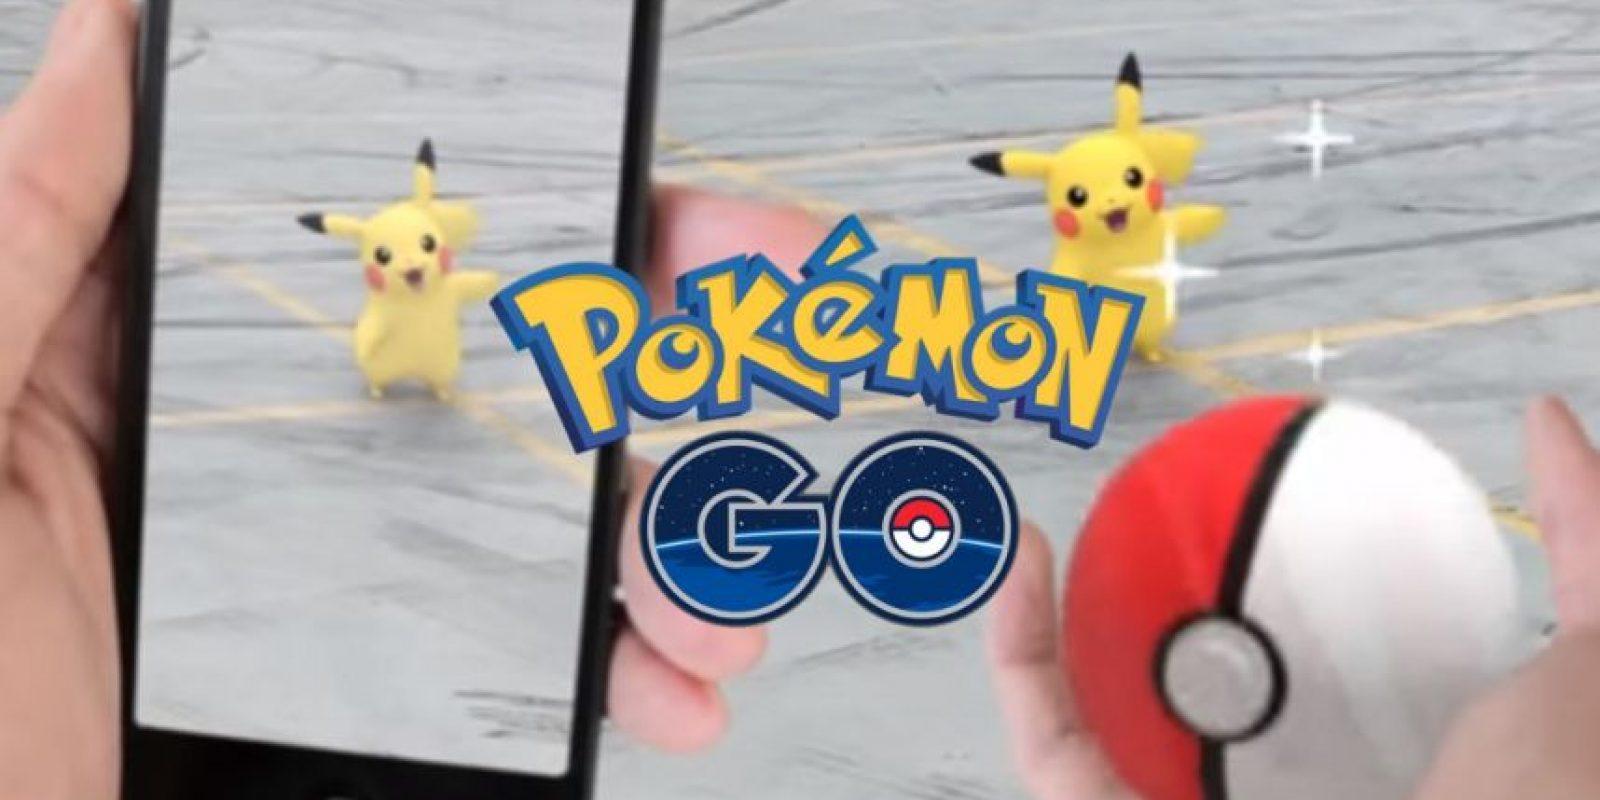 Ya hay trucos y hasta apps pensadas para jugadores. Así como negocios. Foto:Pokemon.com